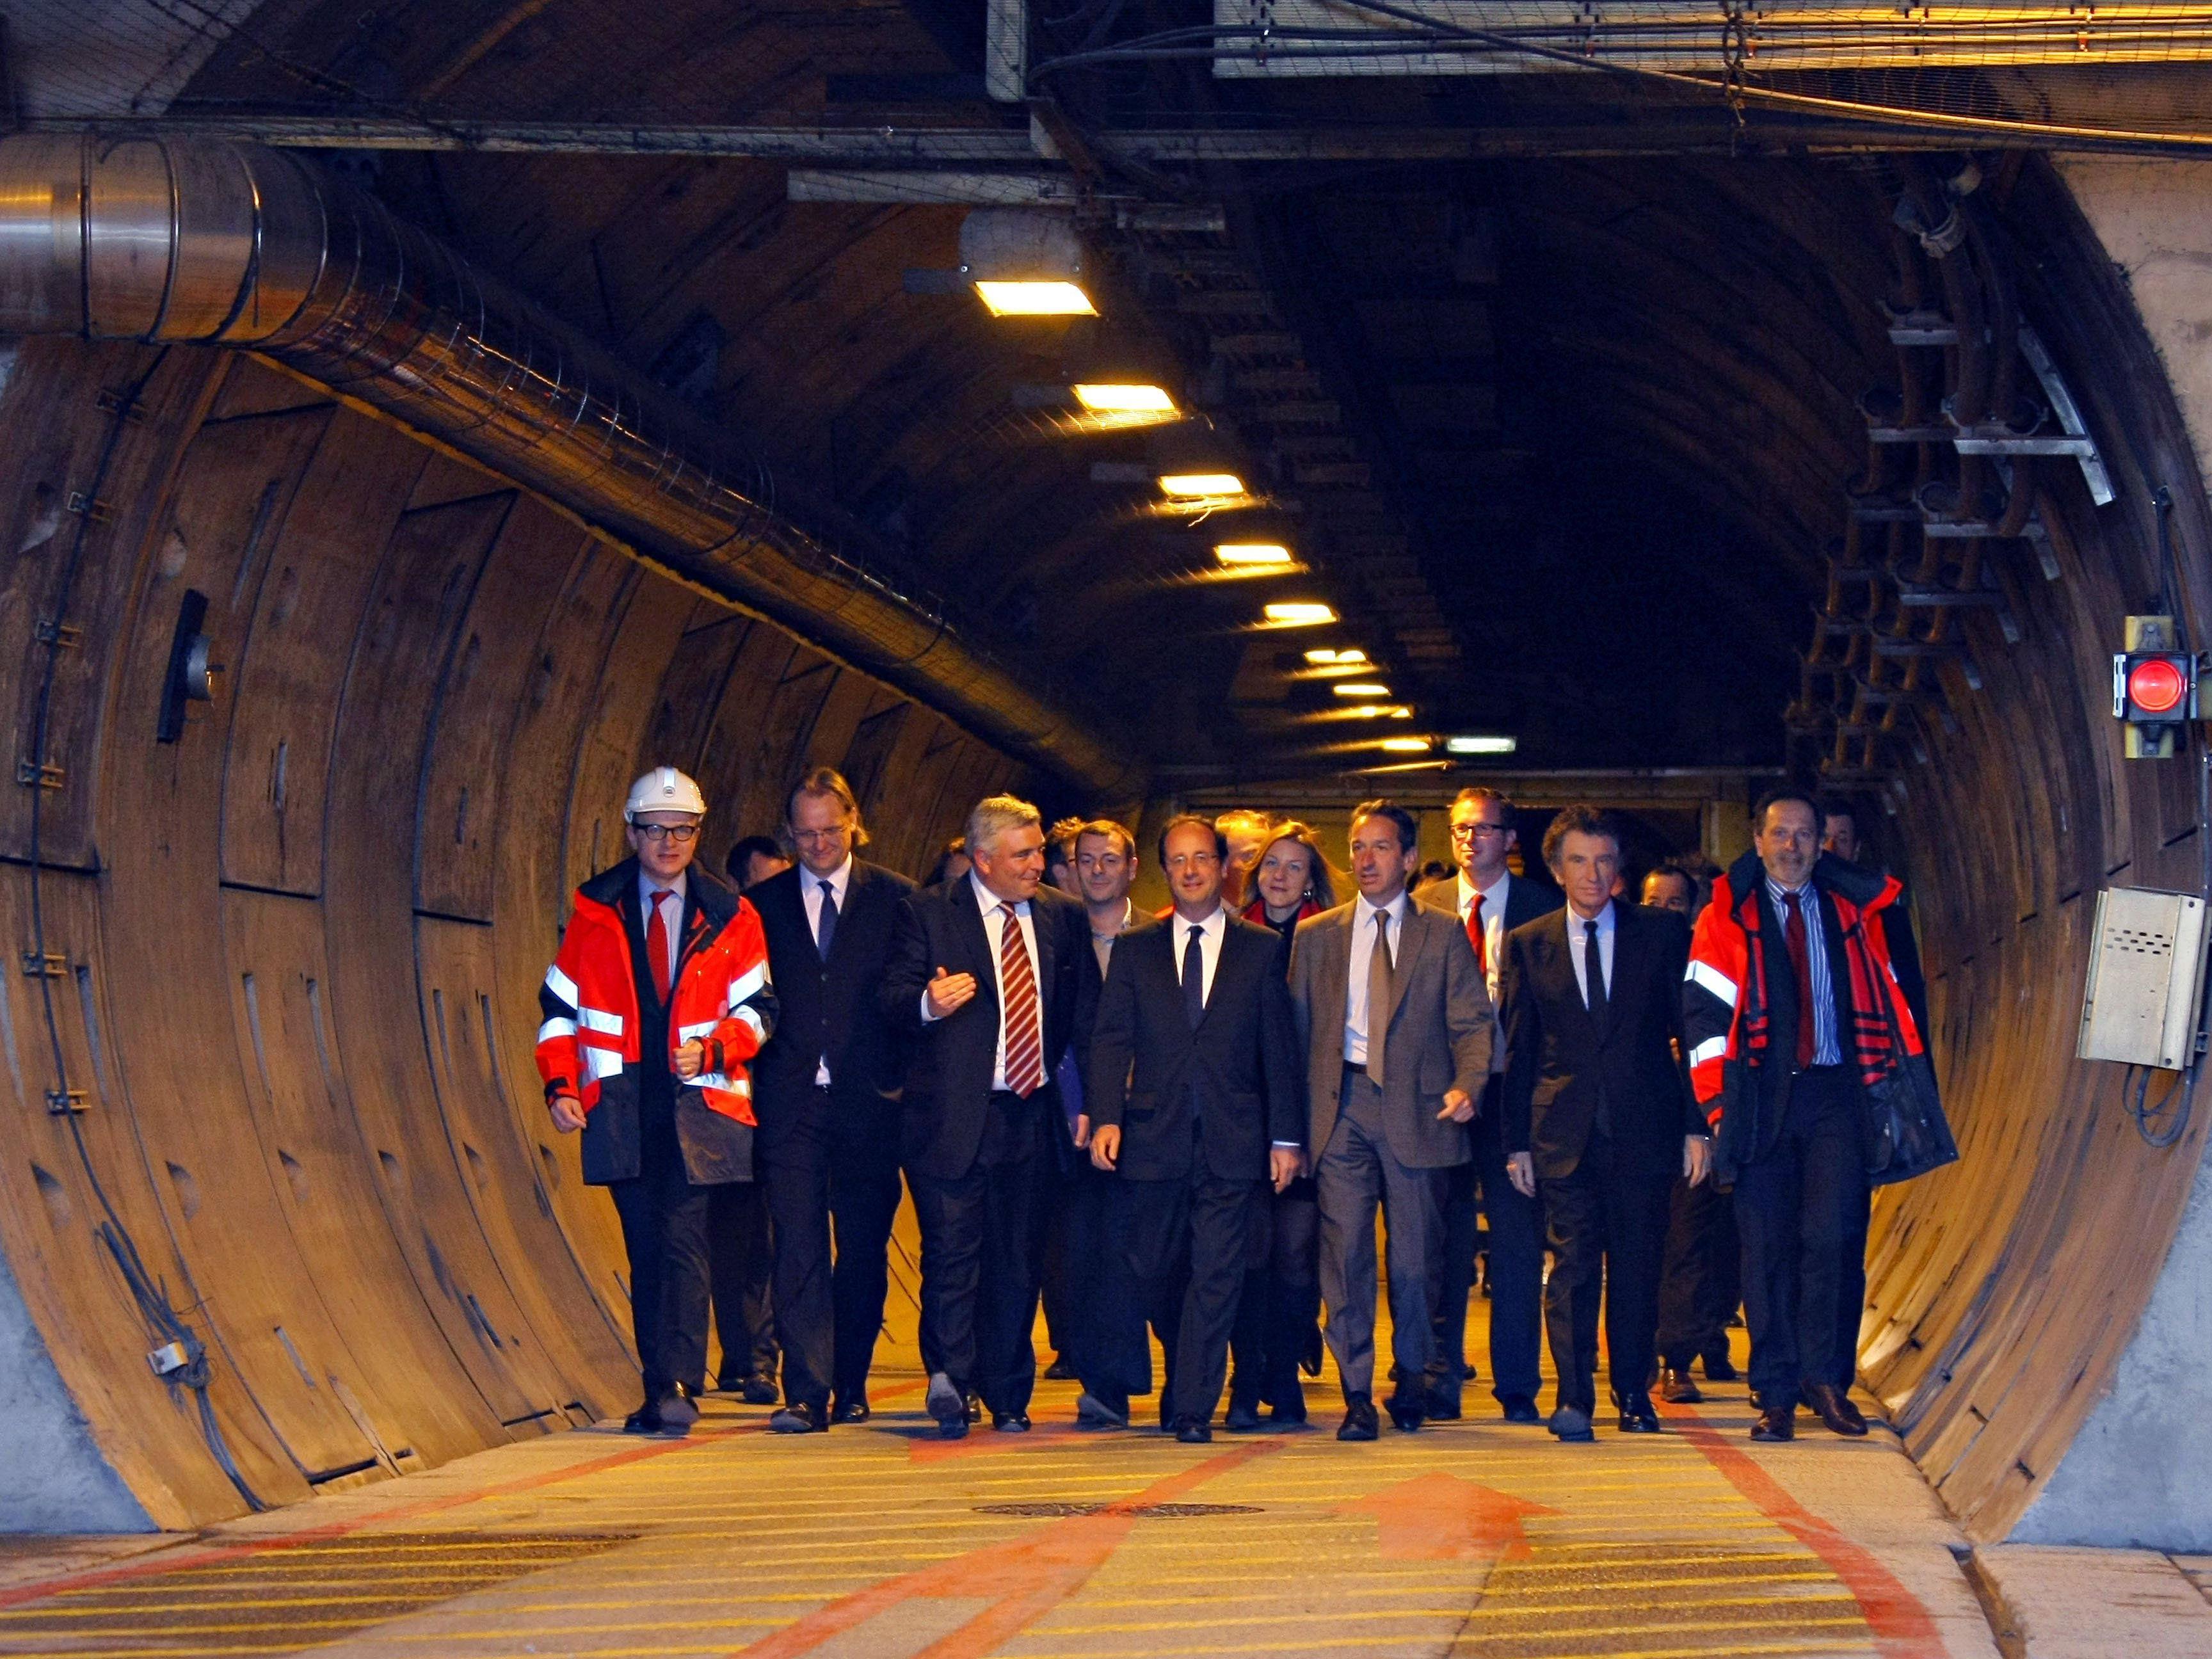 1994 - Der reguläre Passagierverkehr mit Zügen für Pkw und Motorräder durch den Eurotunnel wird aufgenommen.